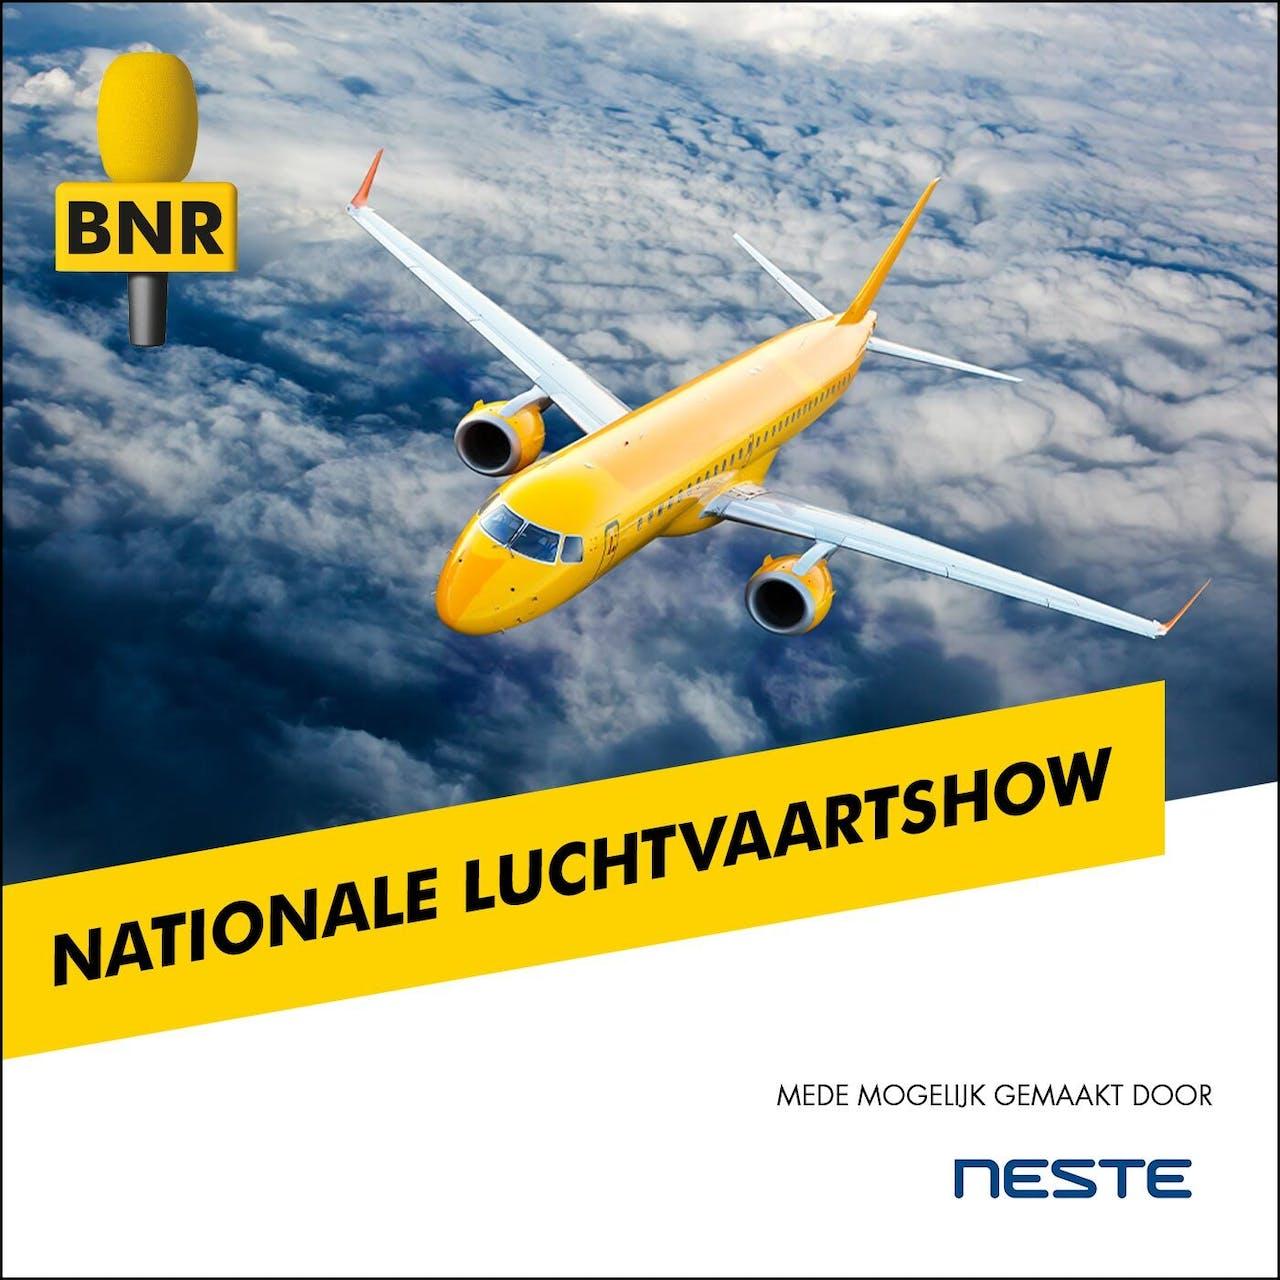 De Nationale Luchtvaartshow